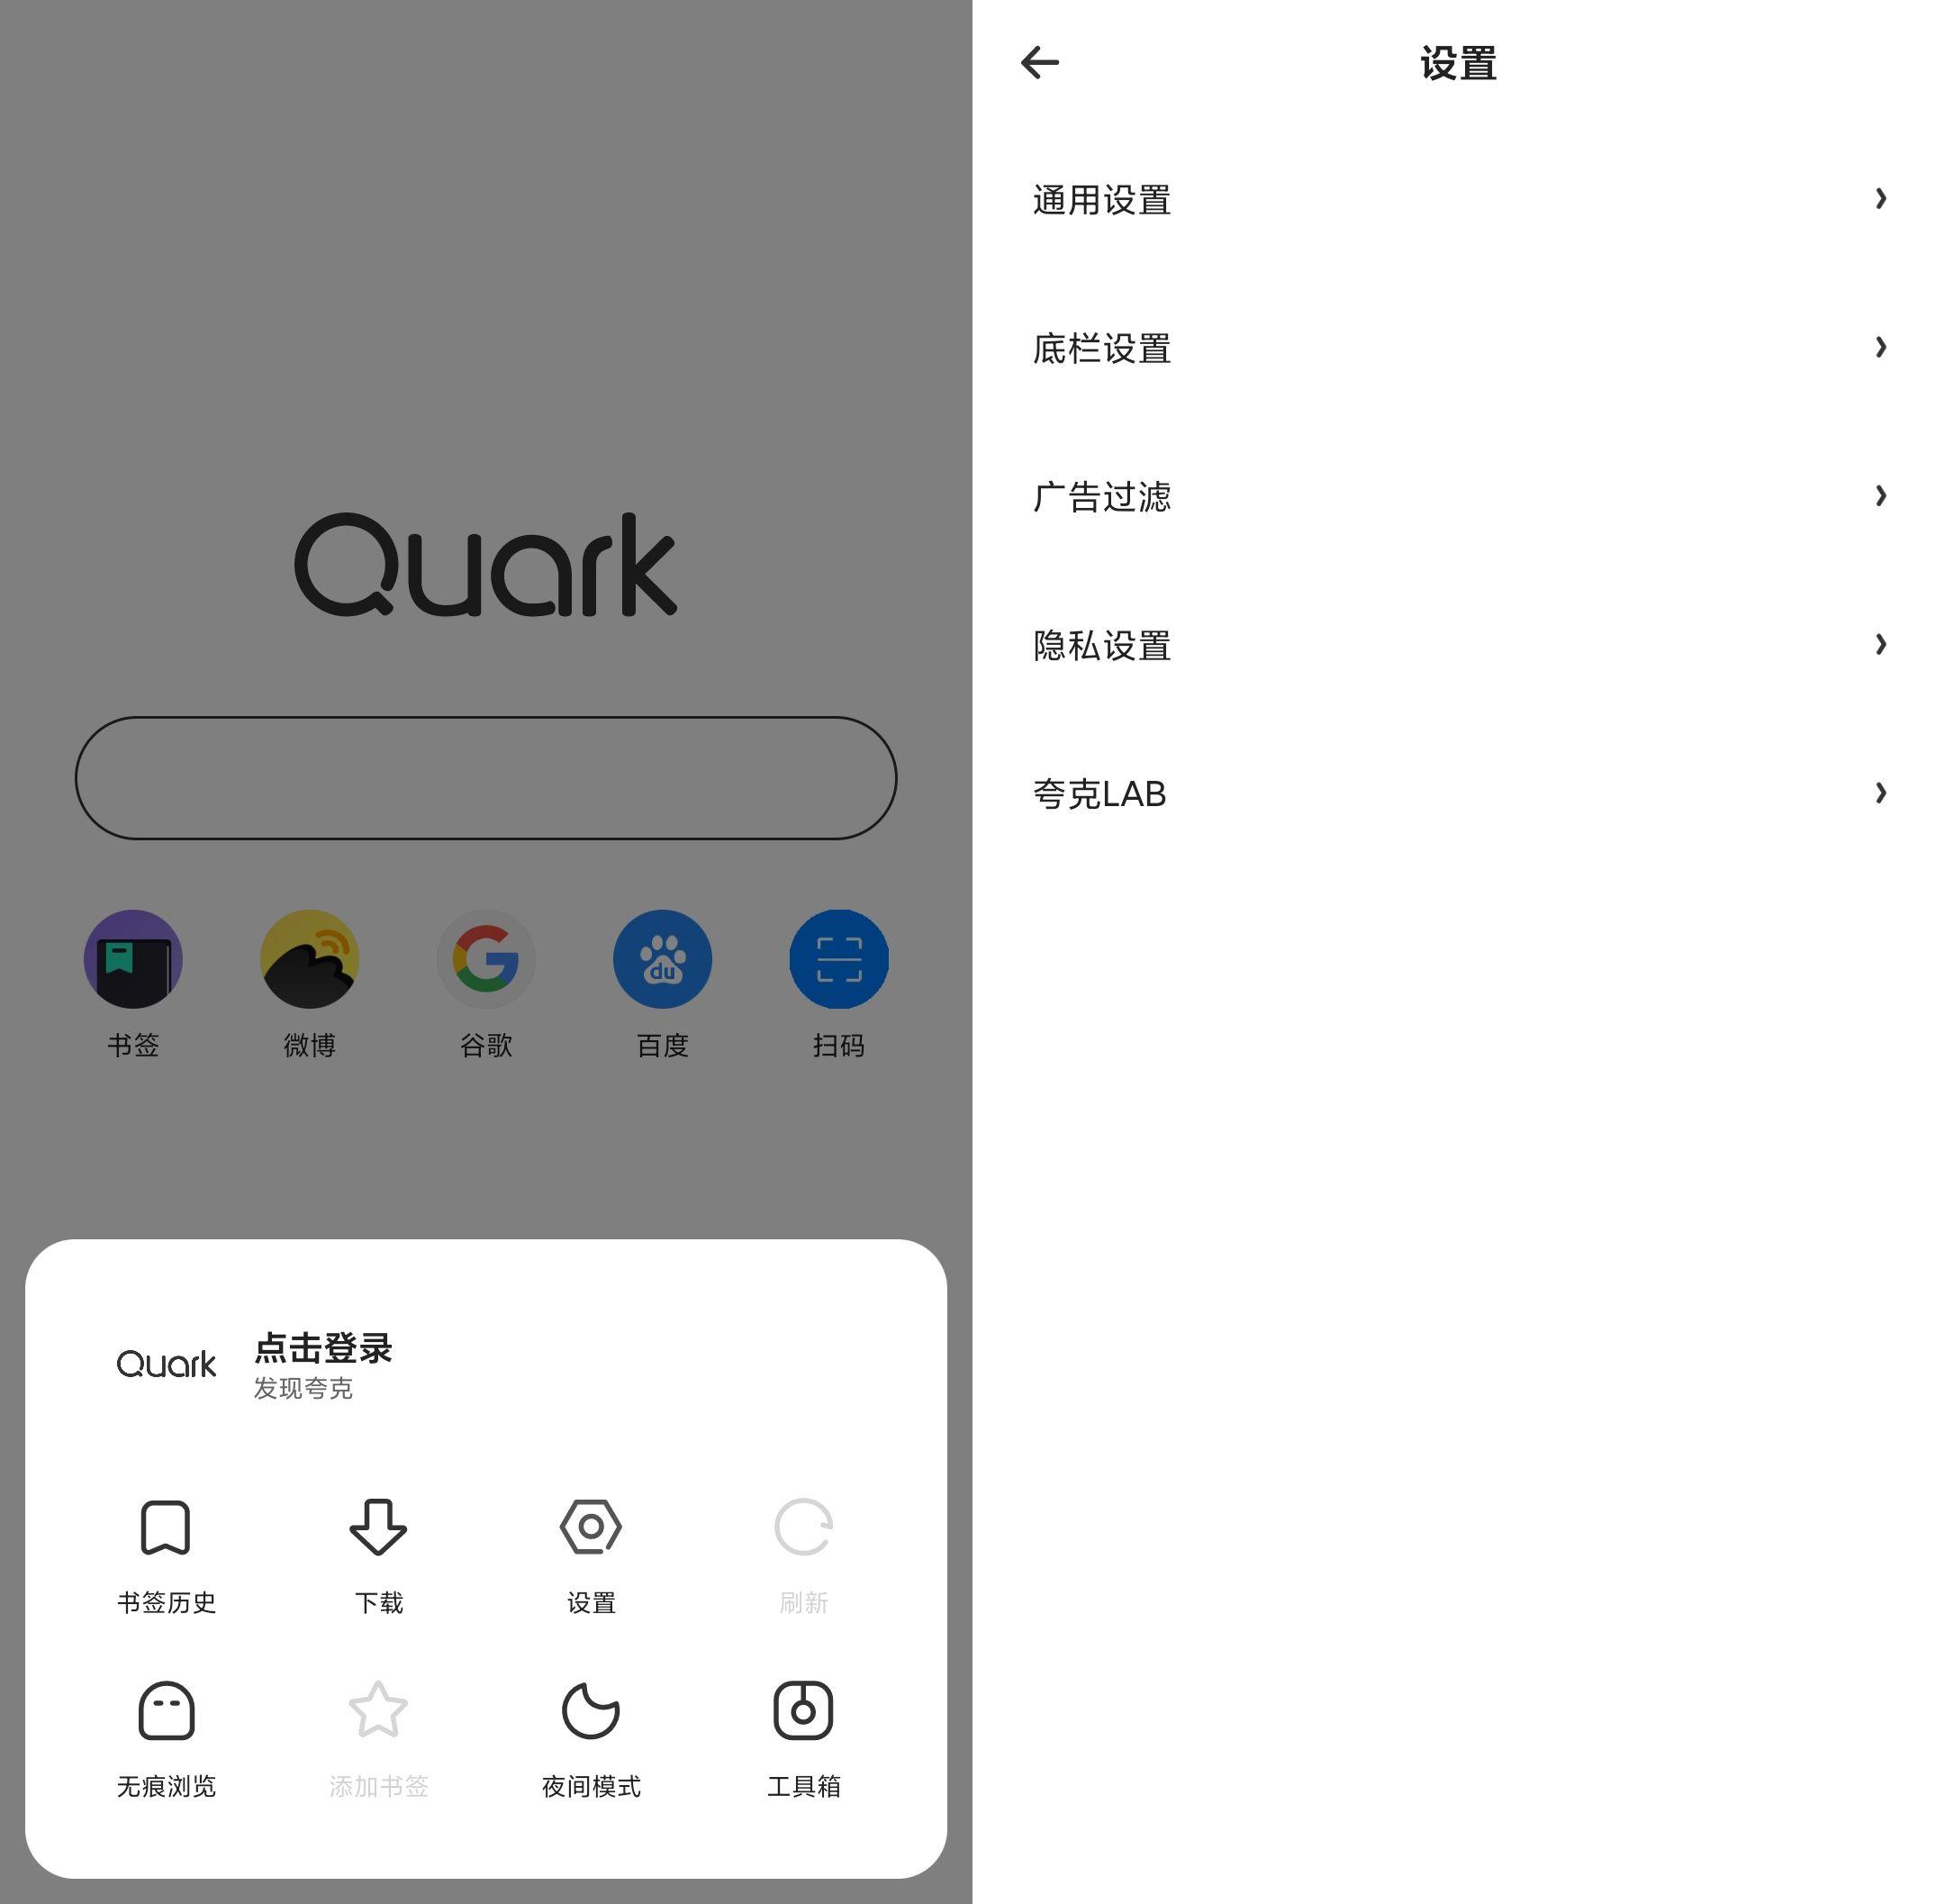 夸克浏览器精简修改清新版 去更新